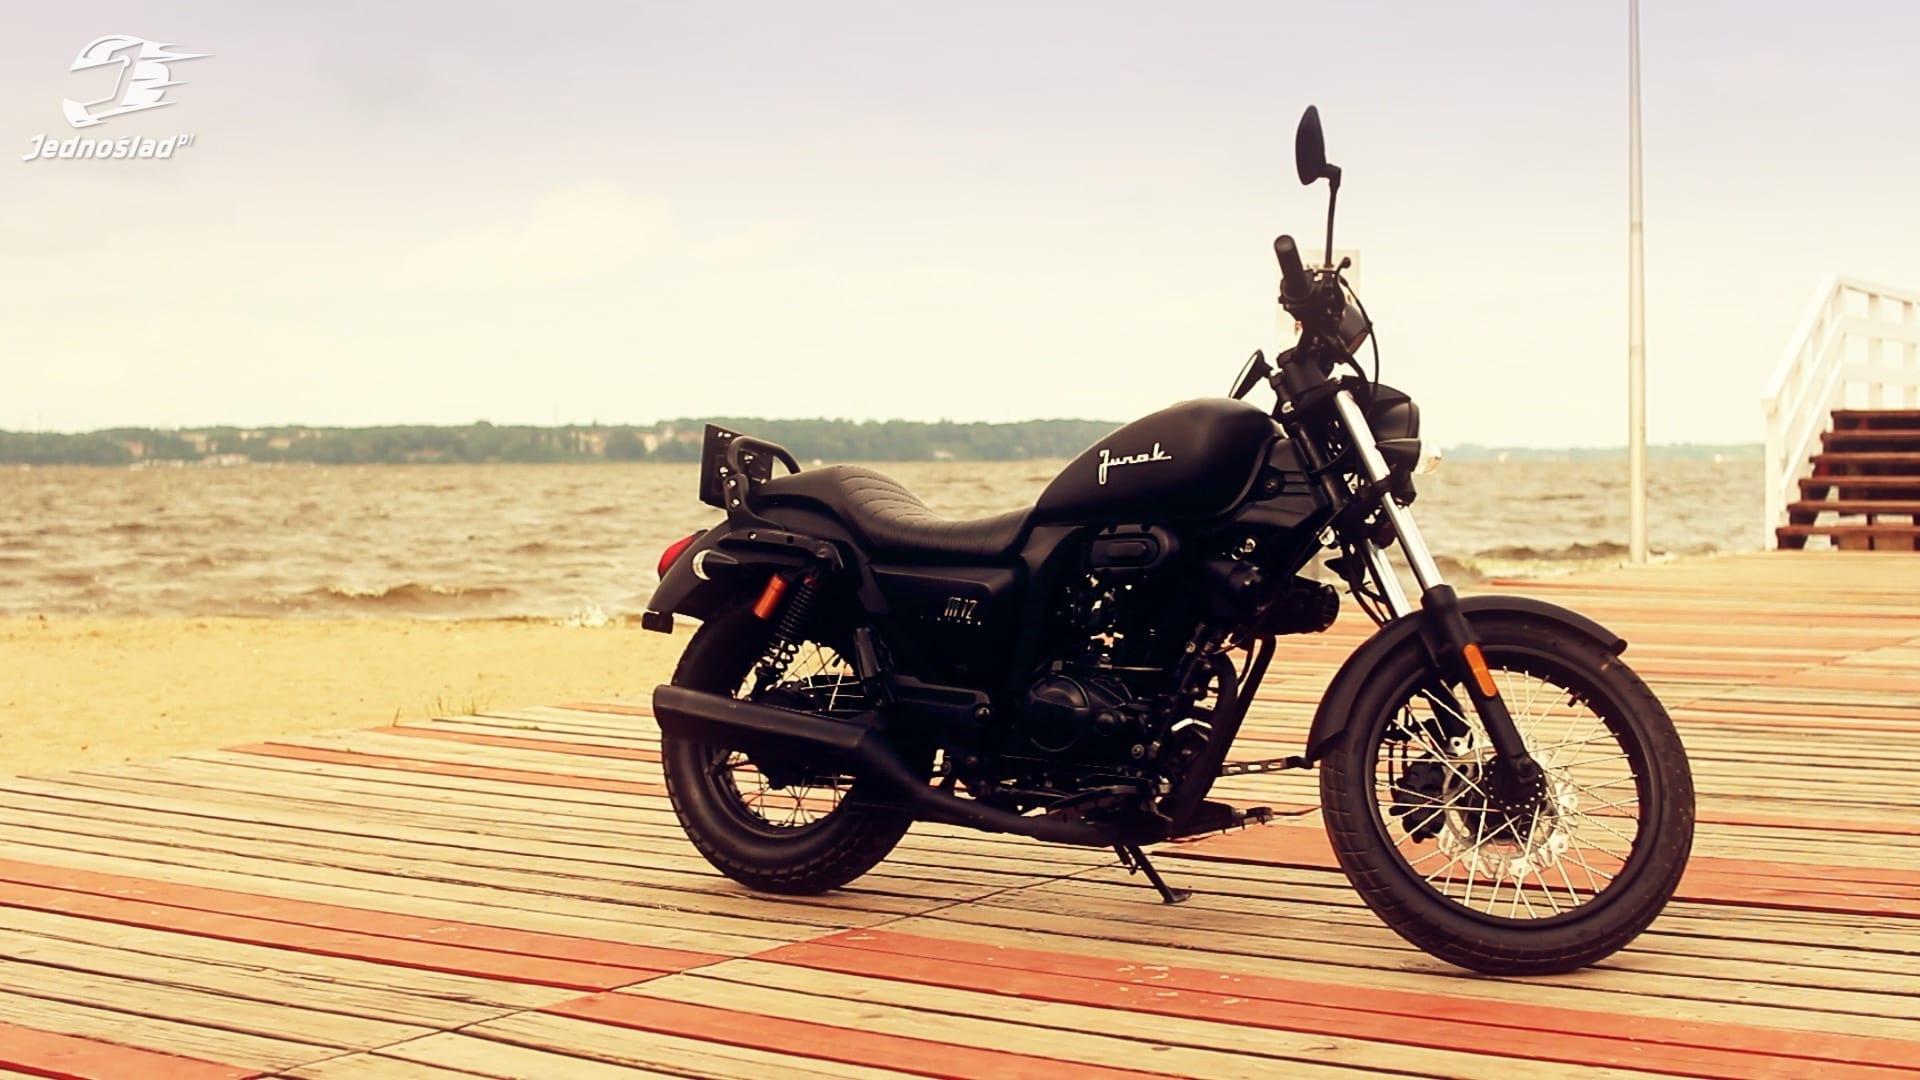 Motocykl: Nowy czy używany? Czy warto kupić Junaka M12 125 Vintage